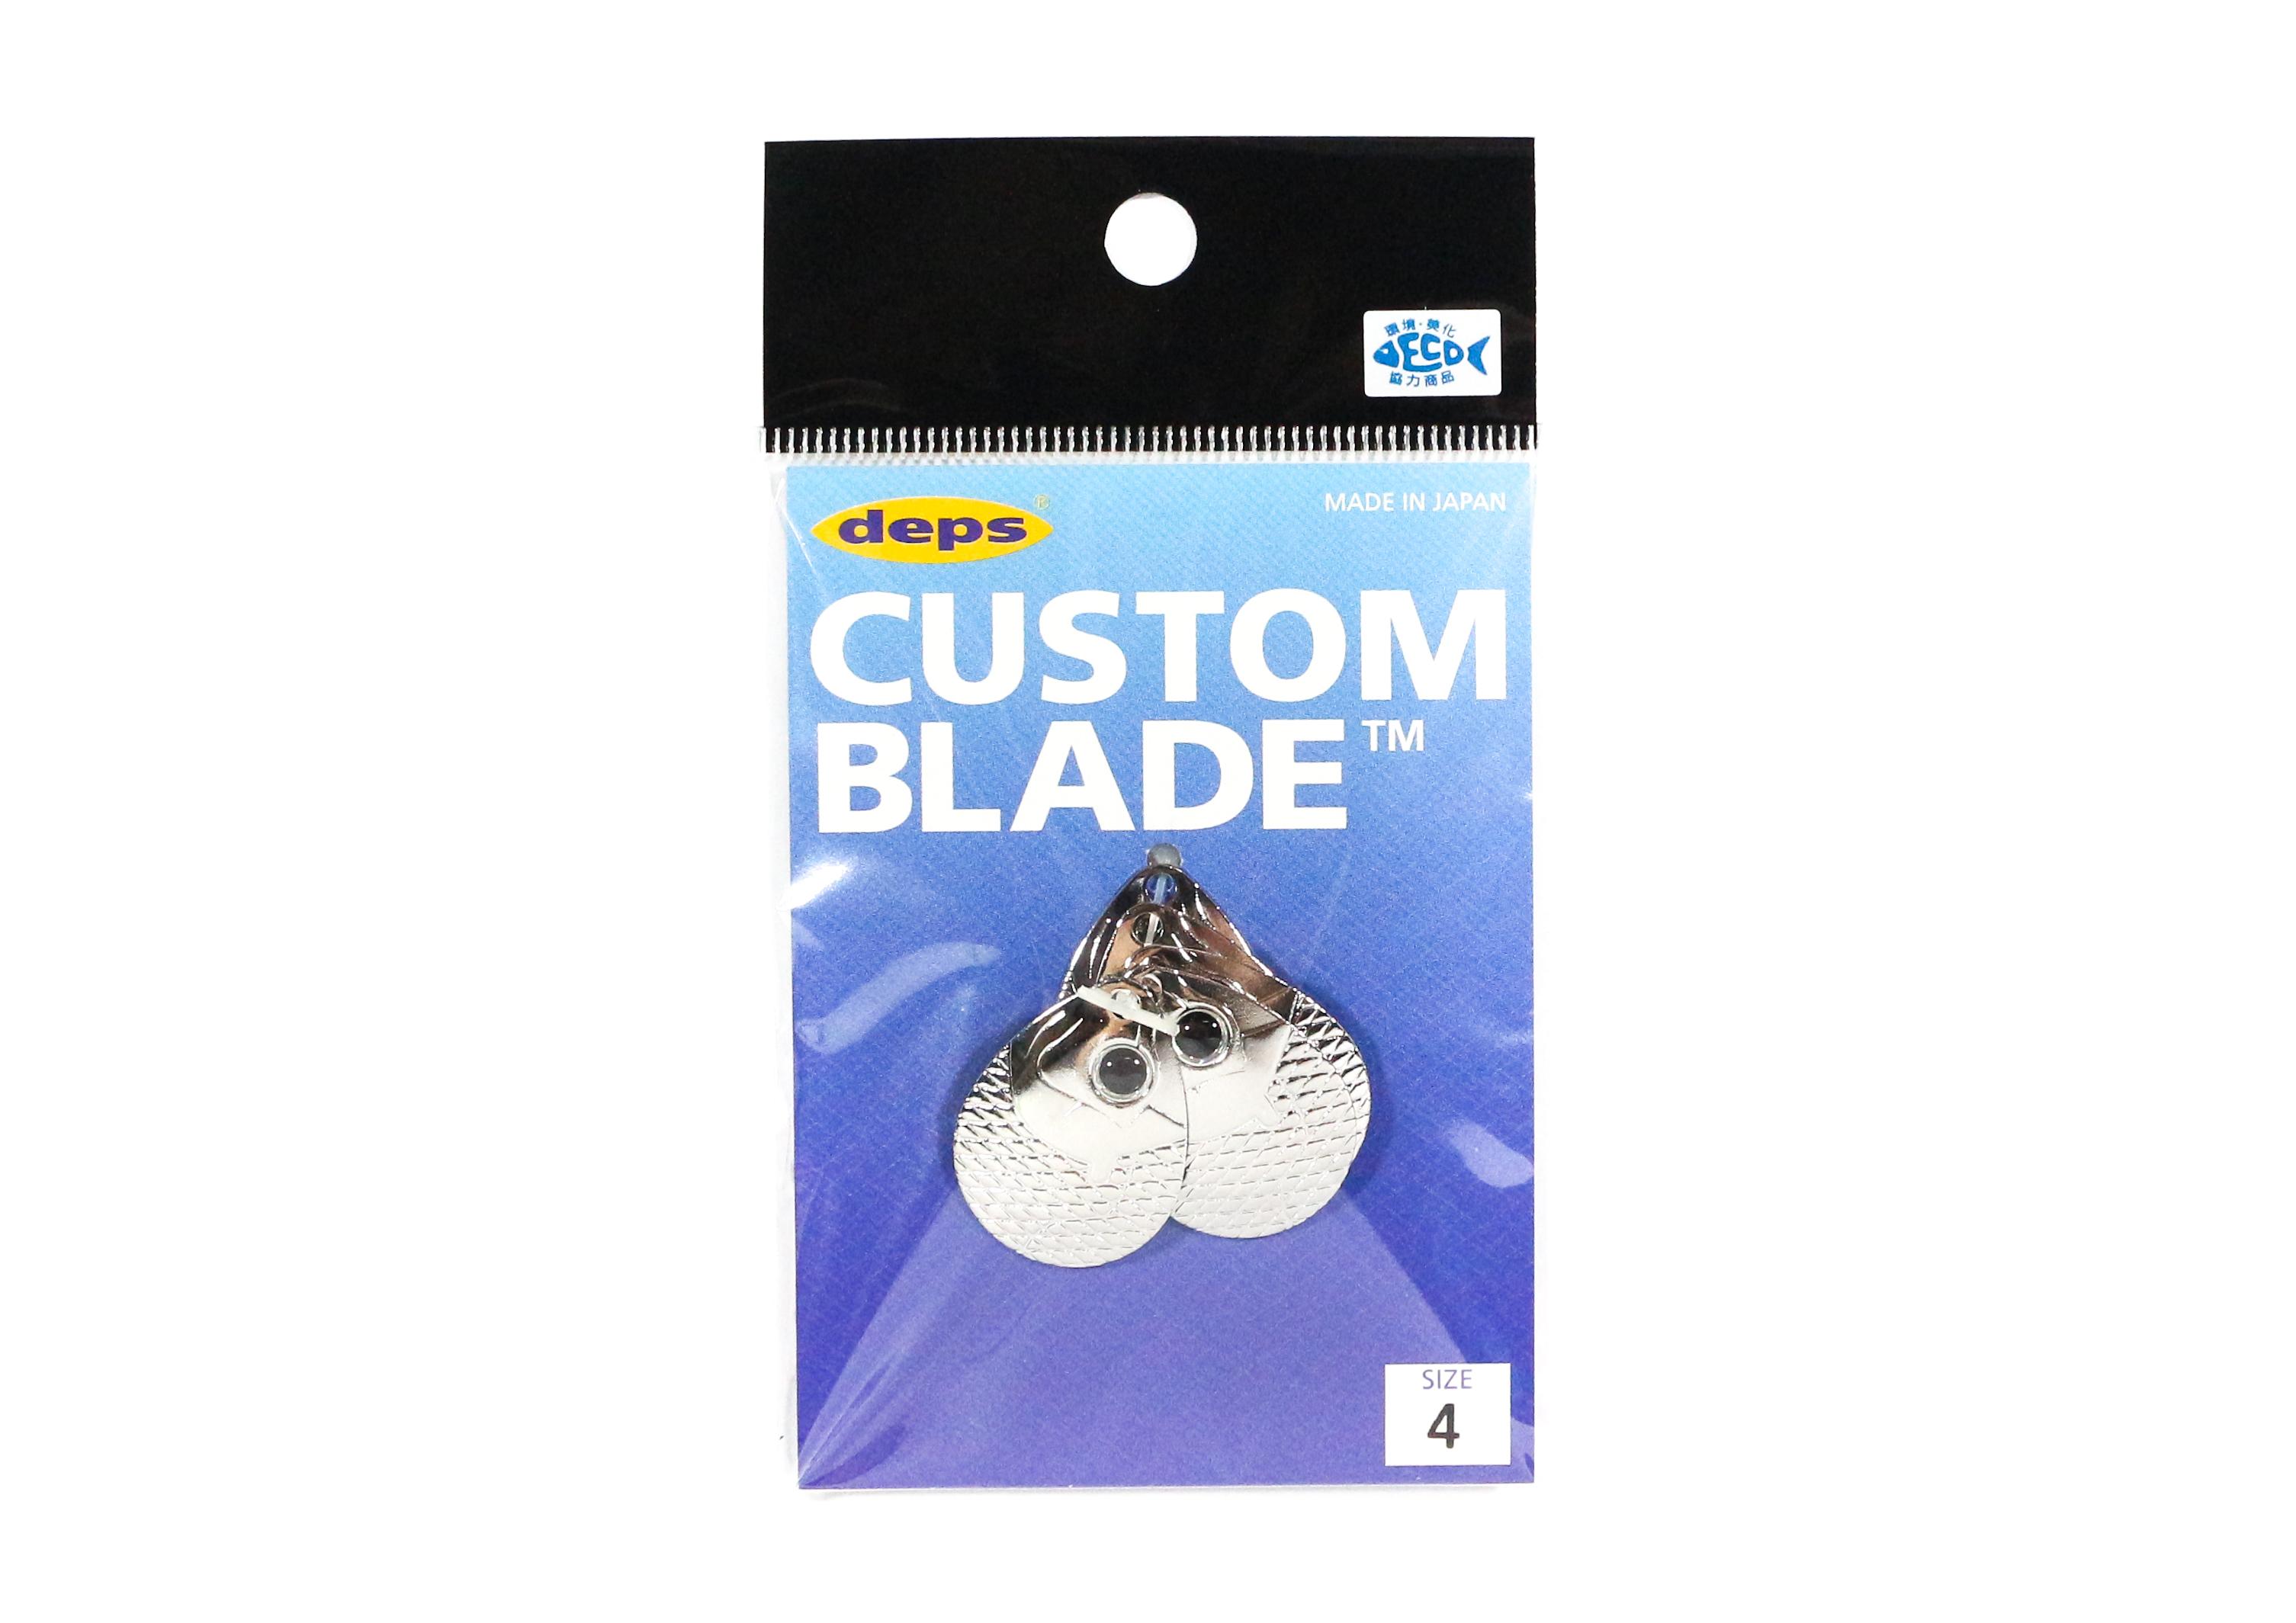 Deps Custom Blade Set Colorado Size 4 S 5 pieces (0046)